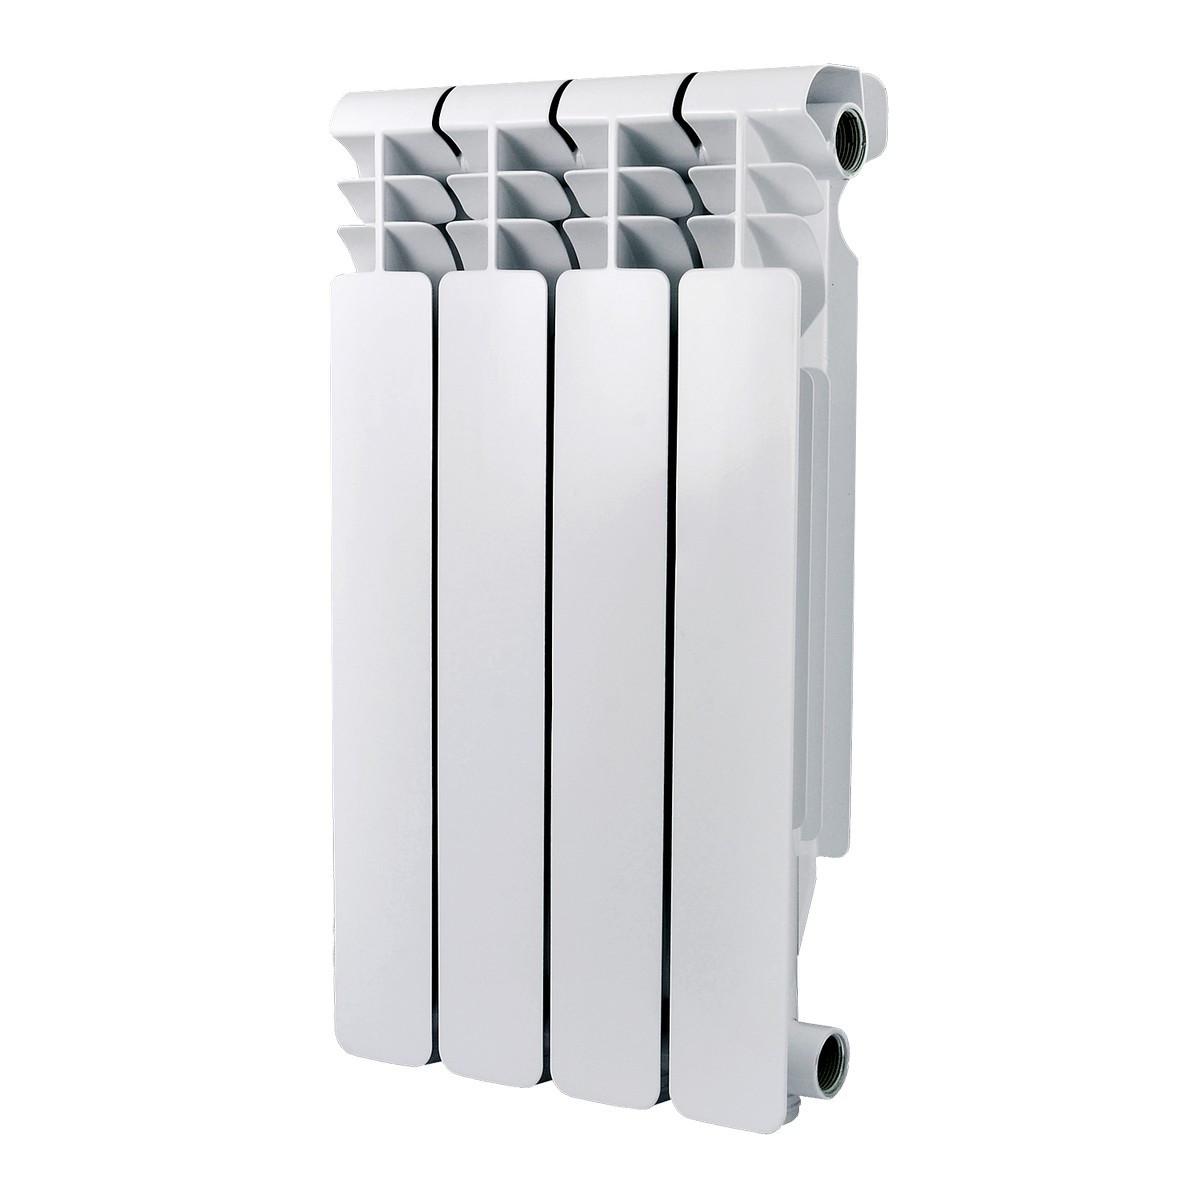 Радиатор алюминий Classic 200 8 секций 1,024кВт Ogint 117-5999